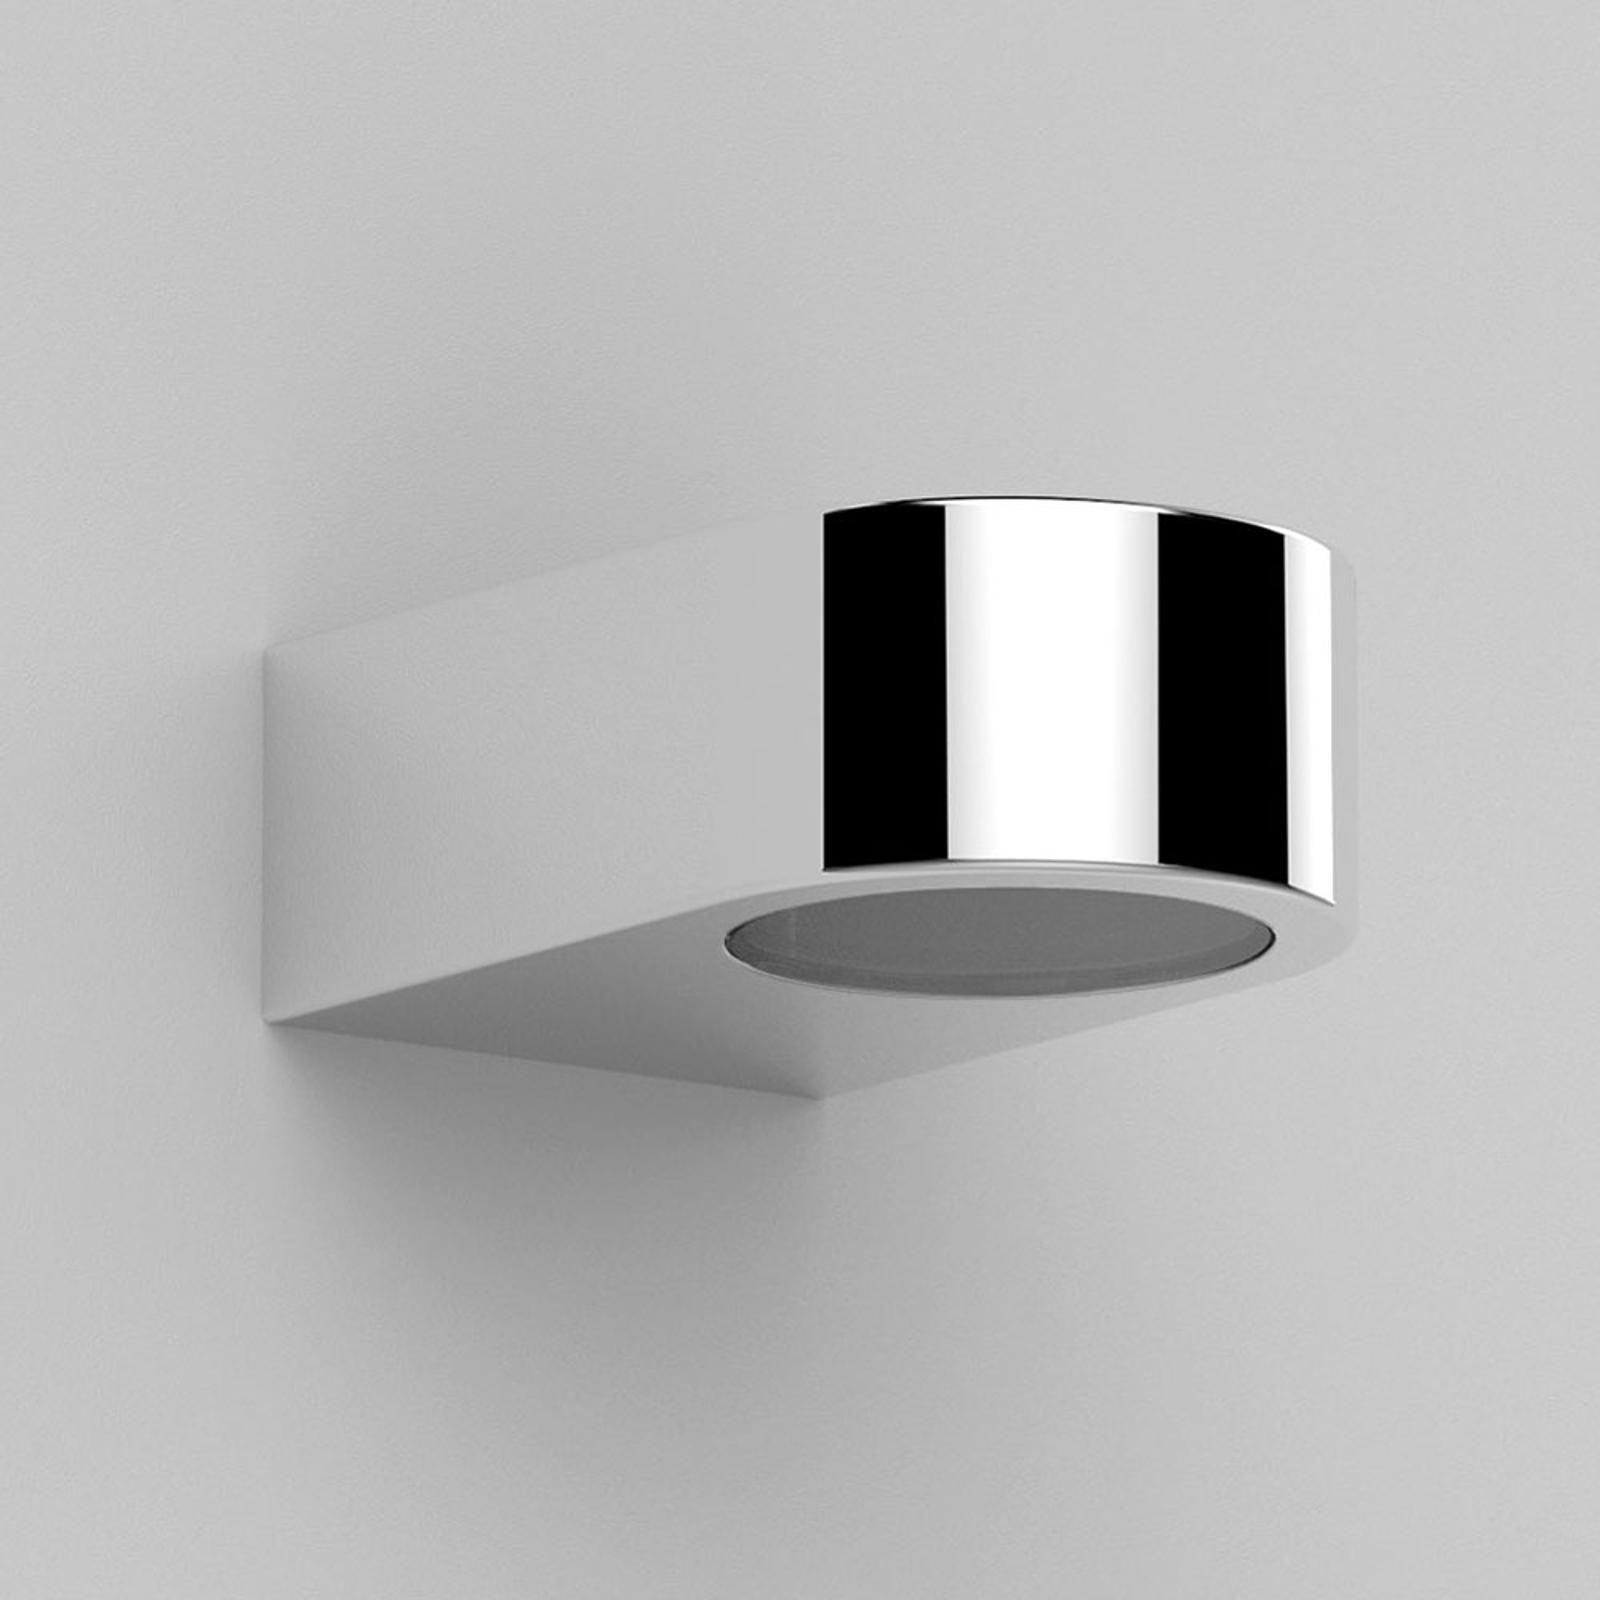 Astro Epsilon Bad Wandlampe mit LED, chrom